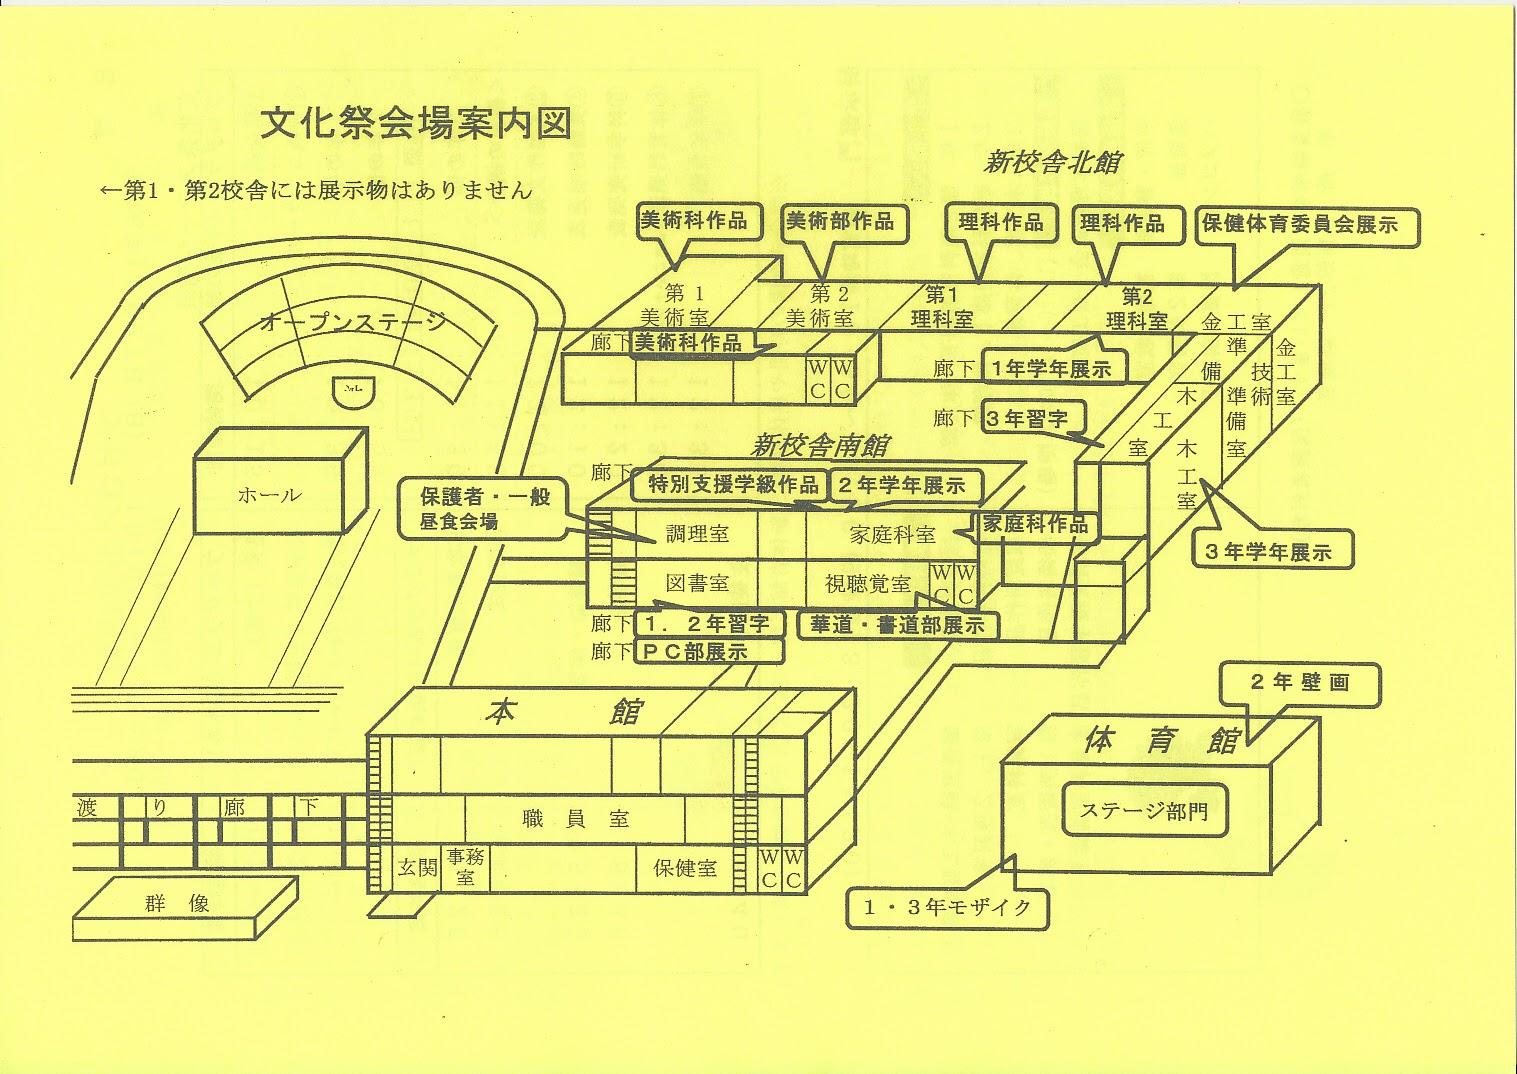 20191027 宇部市立桃山中学校 創立70周年記念 文化祭 4.jpg